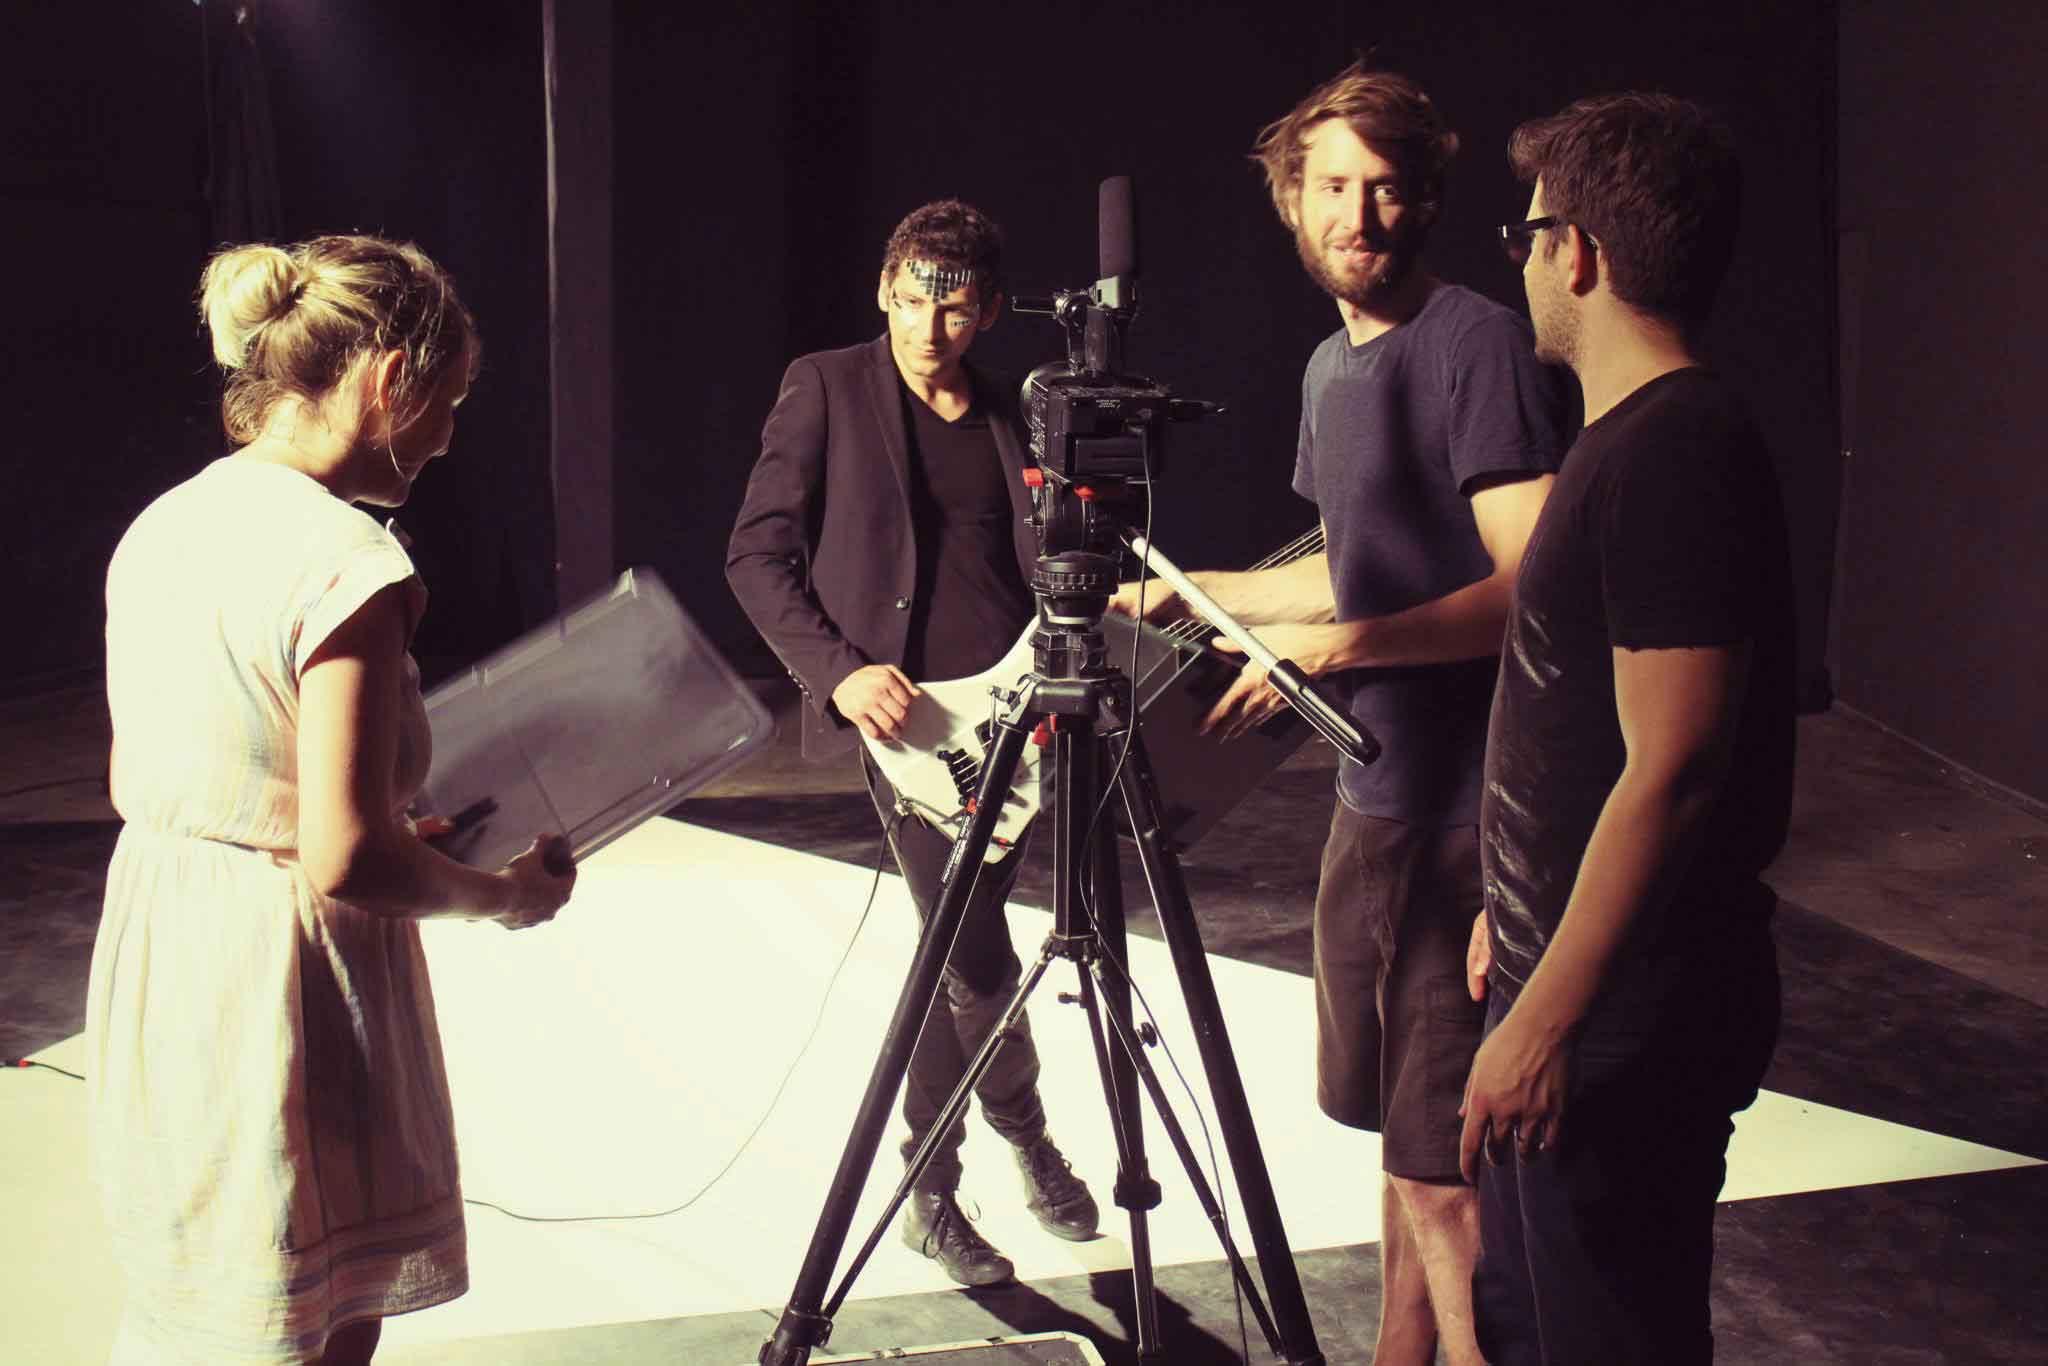 Plasma Video Shoot